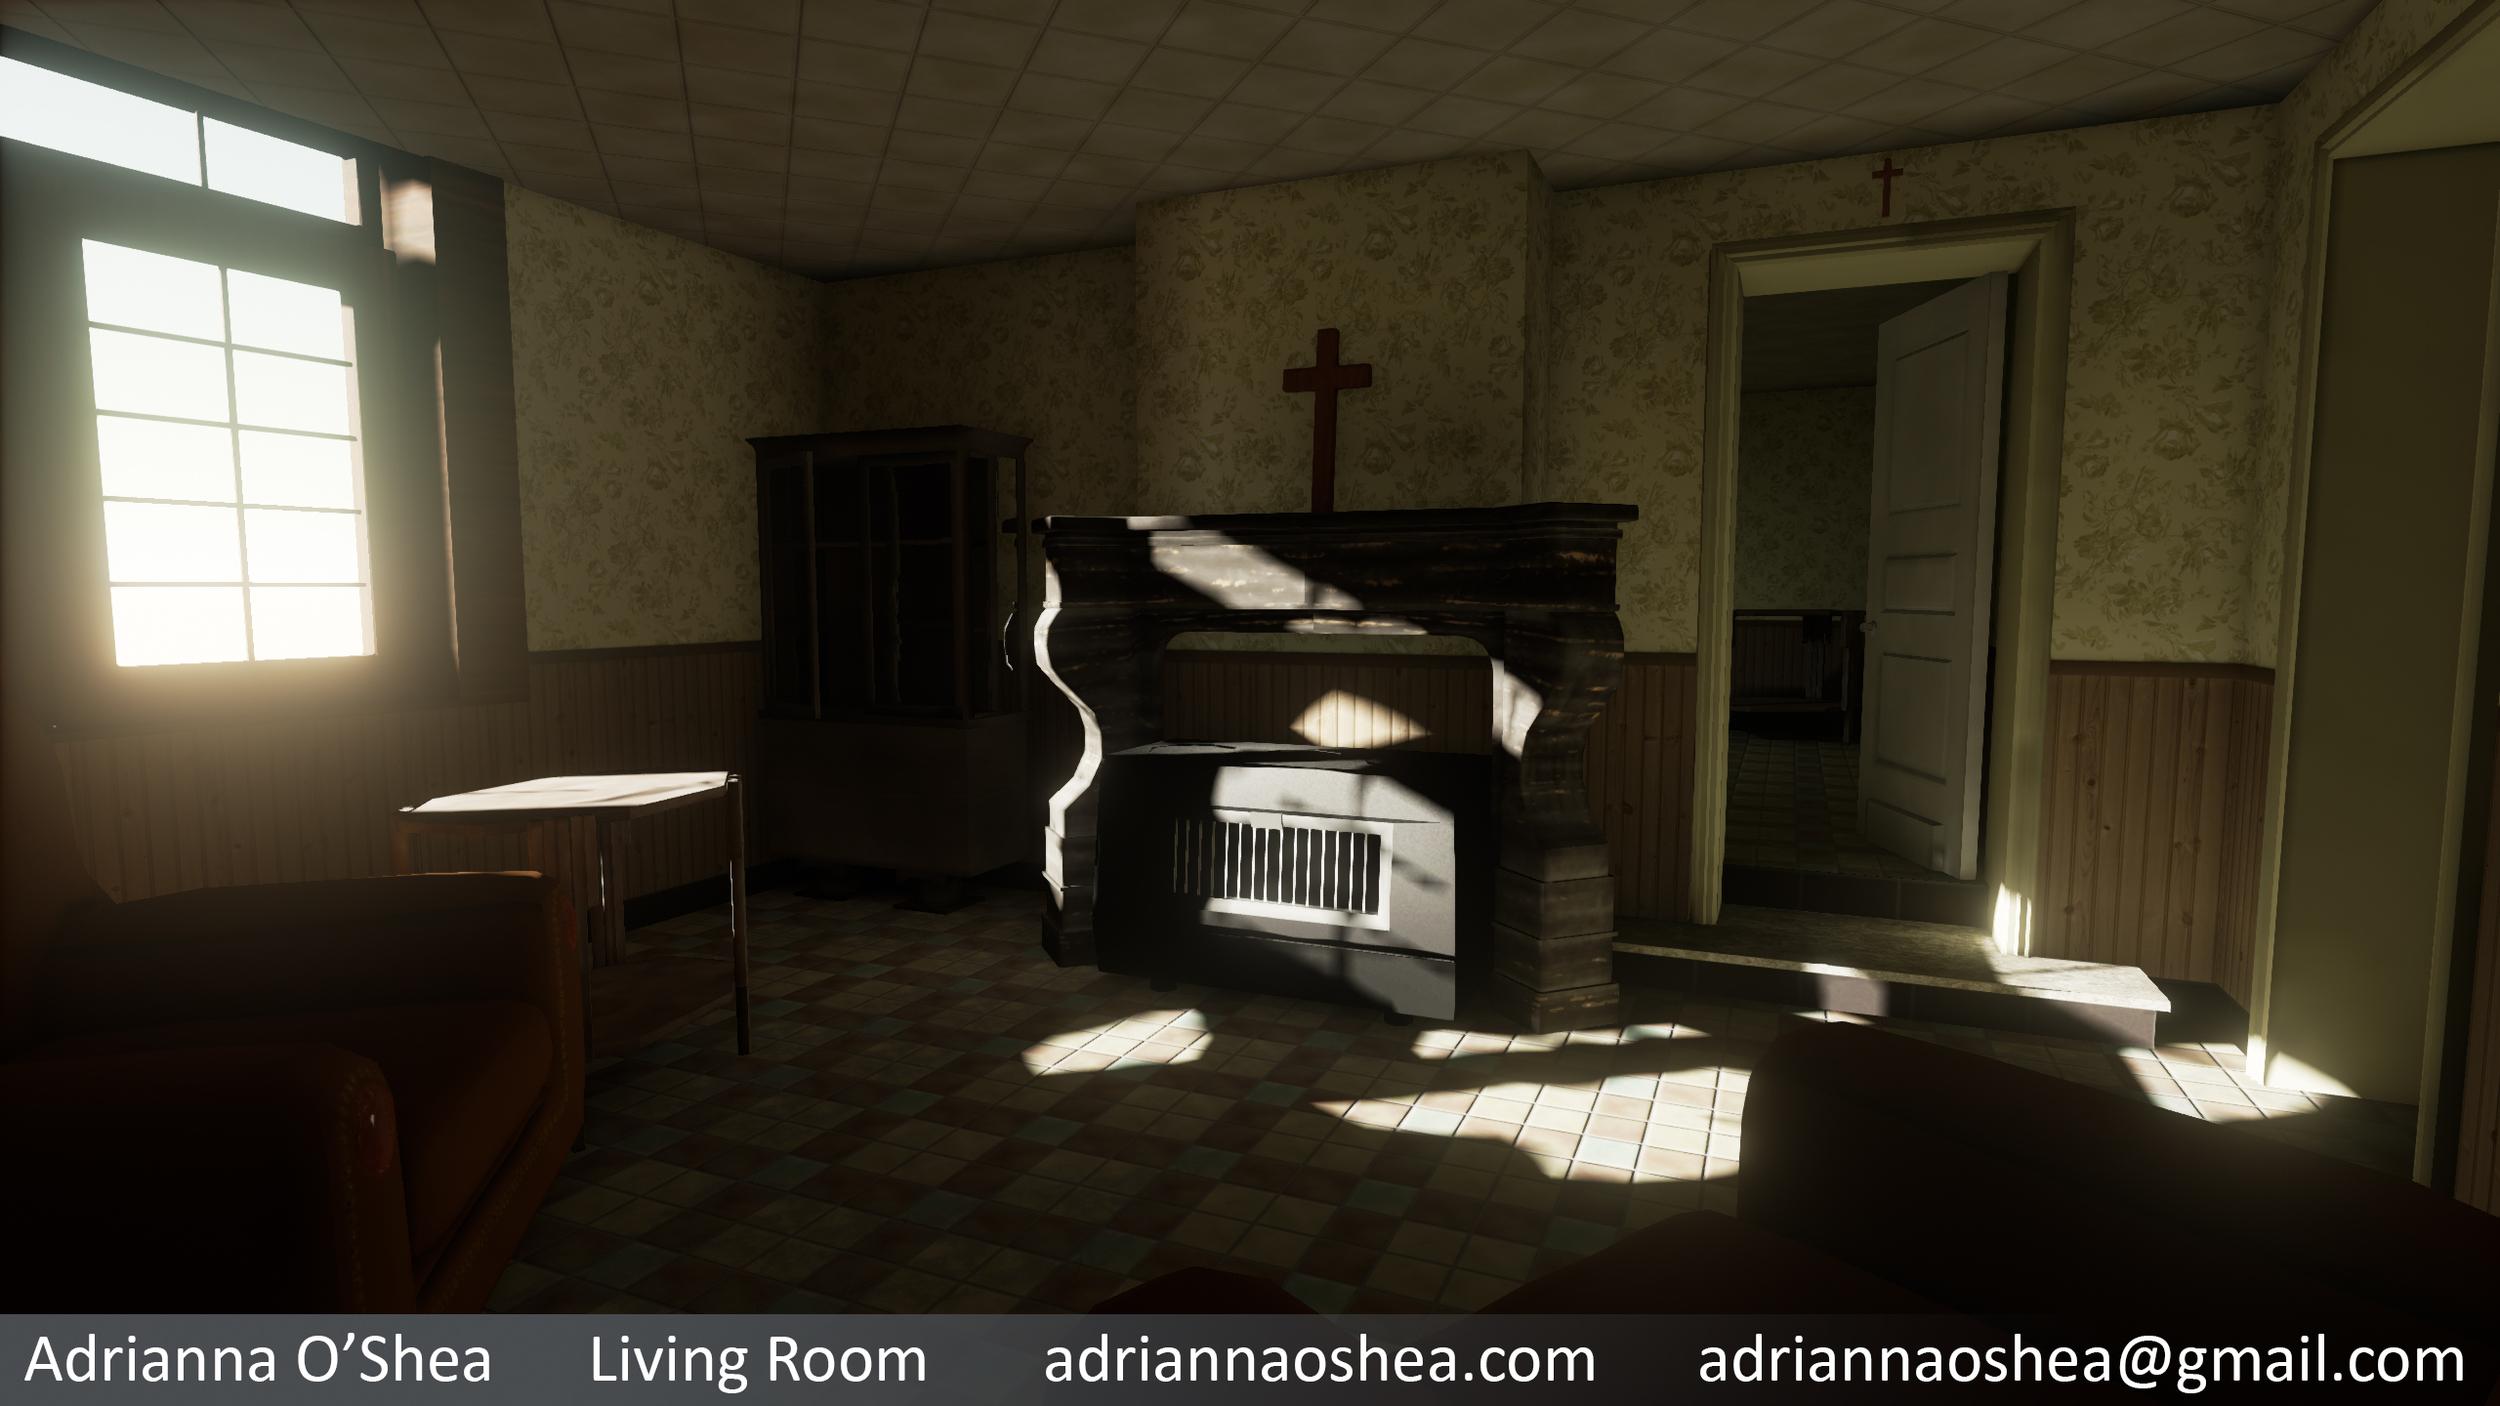 Oshea_LivingRoom.jpg